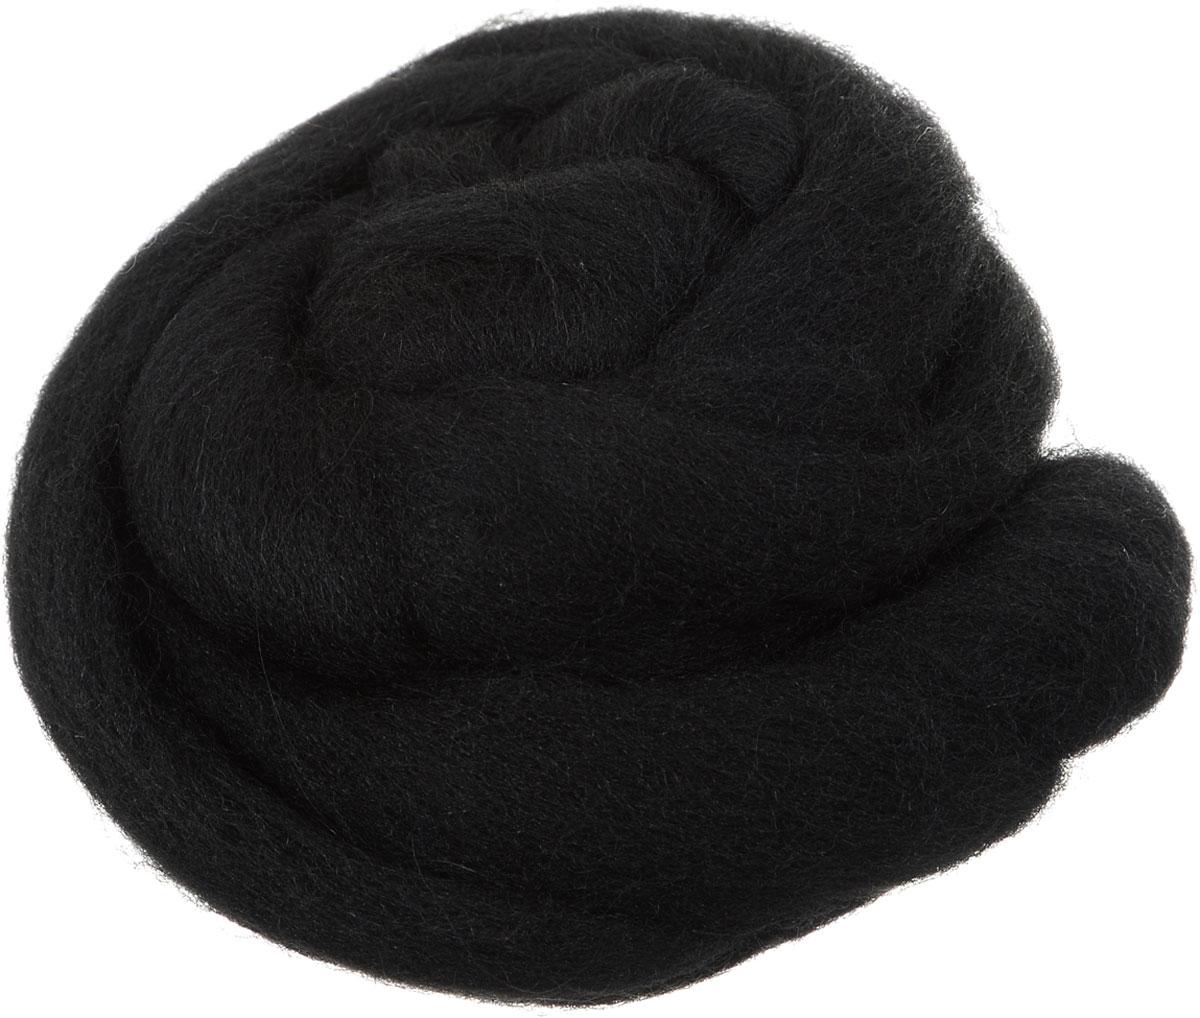 Шерсть для валяния Gamma, полутонкая, цвет: черный (0140), 50 г шарп лори игрушки и зверушки своими руками техника валяния шерсти